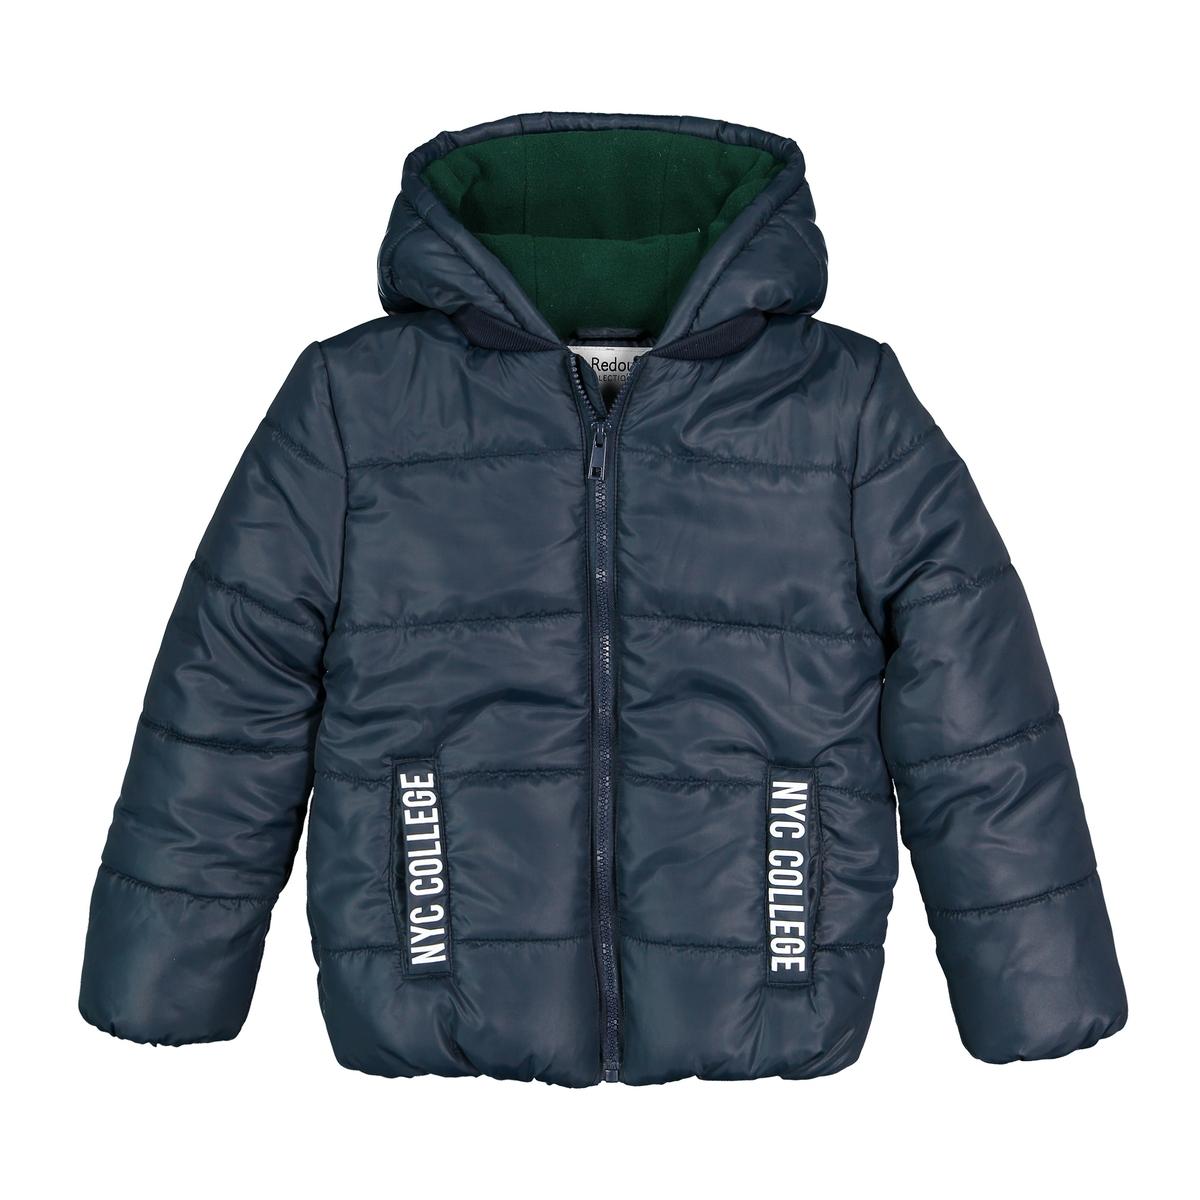 цена Куртка La Redoute Стеганая с капюшоном 3 года - 94 см синий онлайн в 2017 году